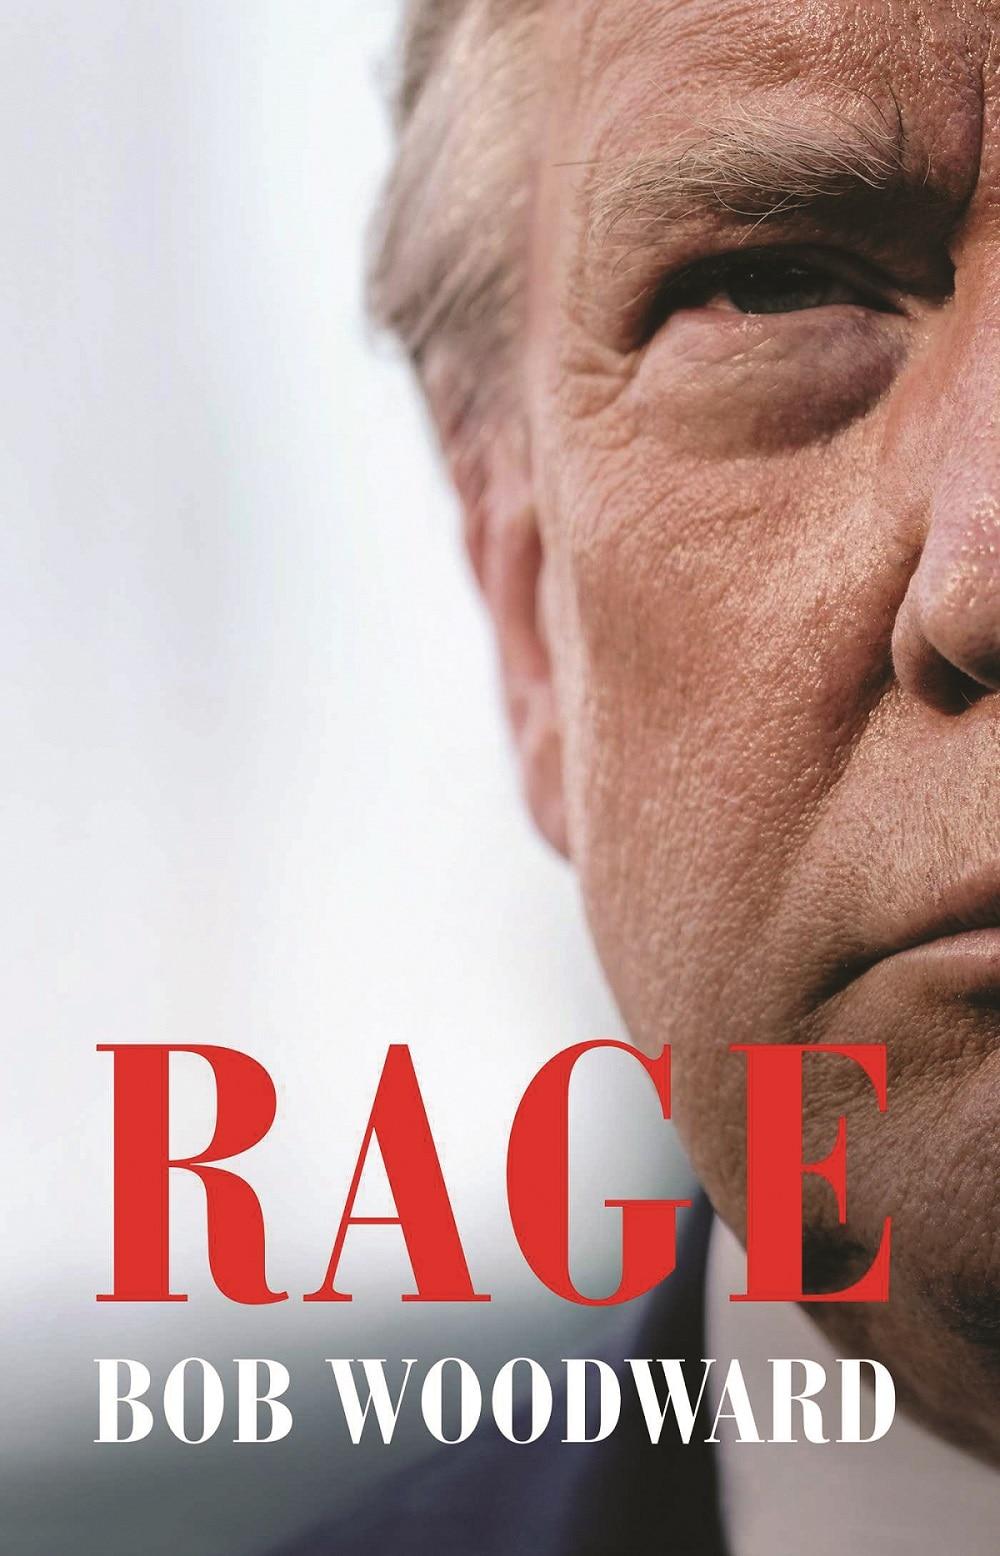 rage-bob-woodward_091120100757.jpg